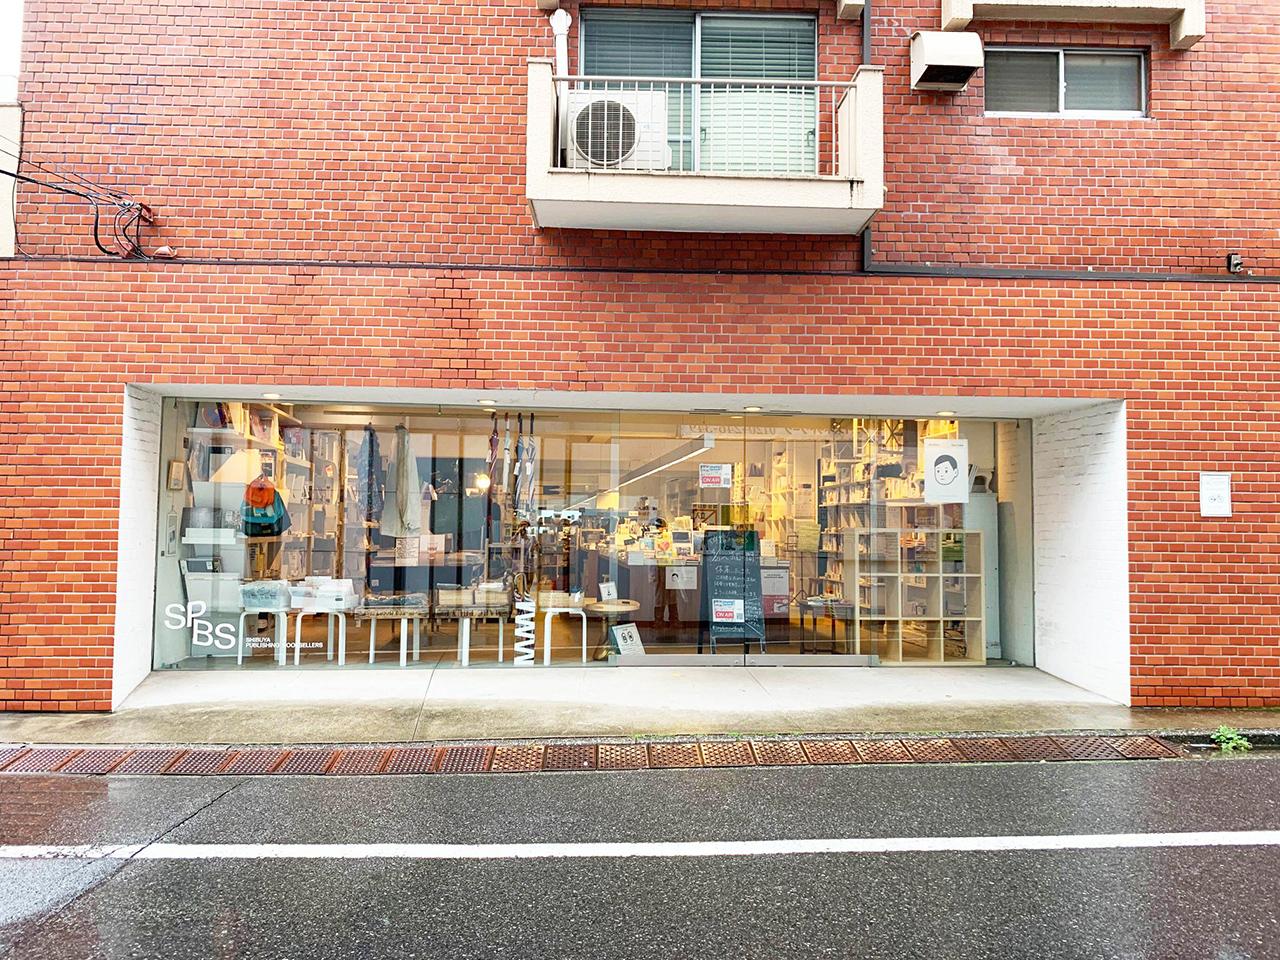 ร้านหนังสือ ใน จ.โตเกียว - Shibuya Publishing & Booksellers (SPBS本店)